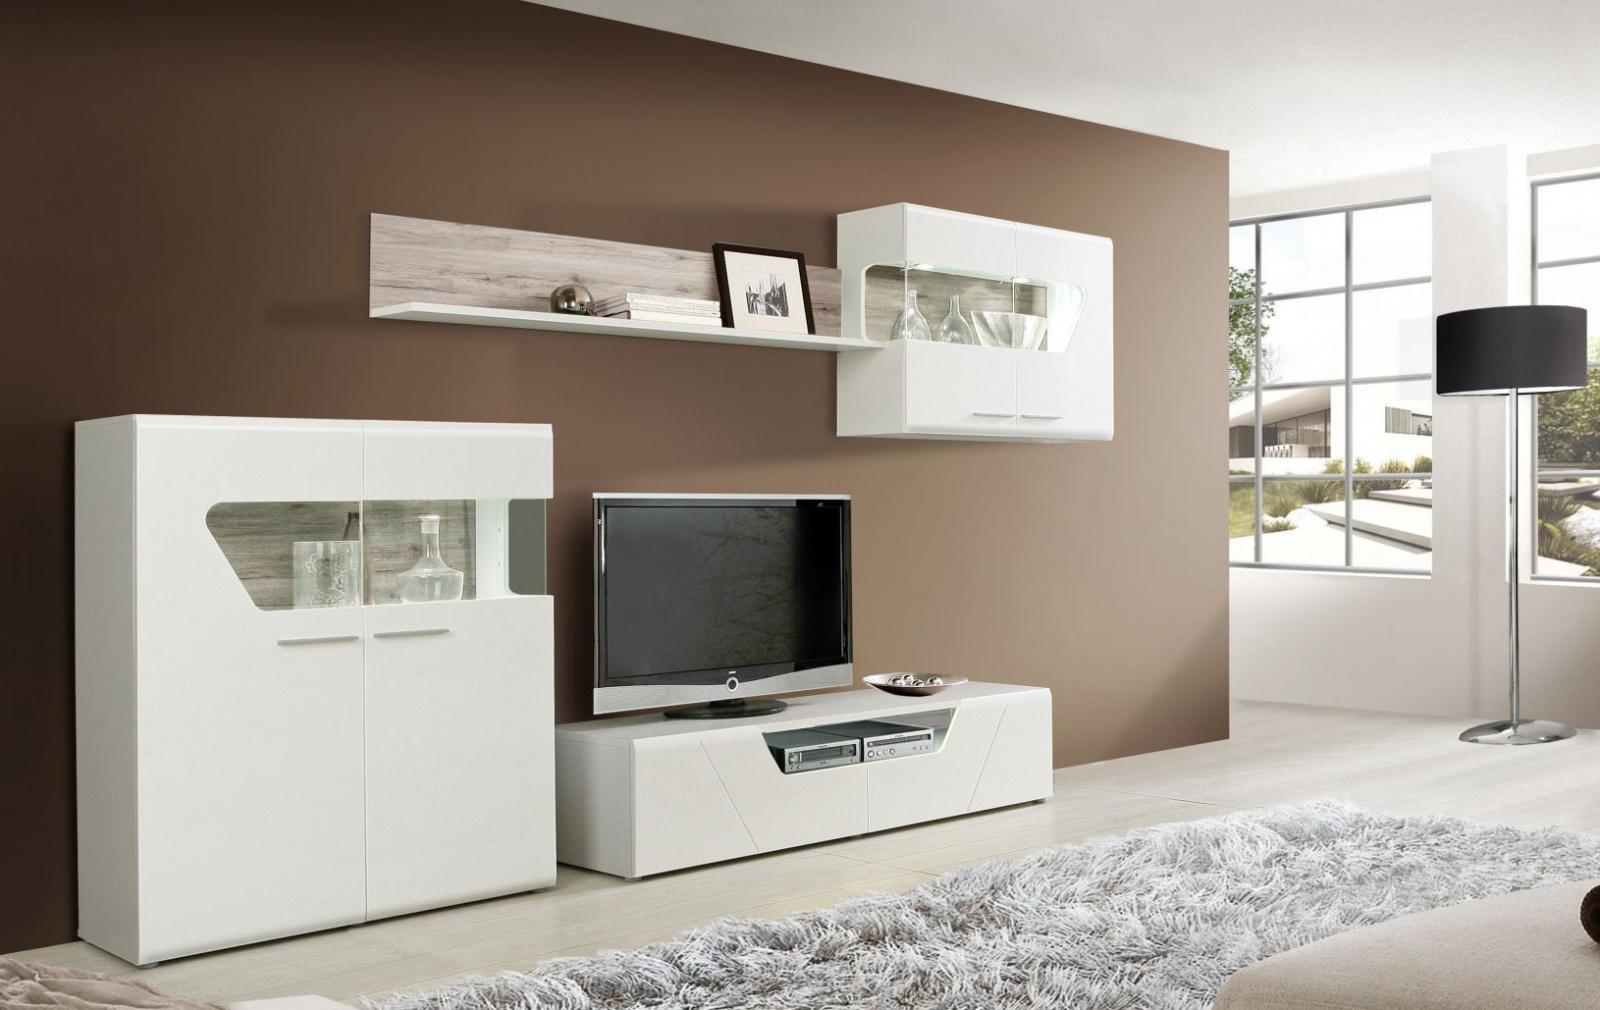 wohnwand louise 4 teilig in weiss sandeiche kaufen bei m bel lux. Black Bedroom Furniture Sets. Home Design Ideas